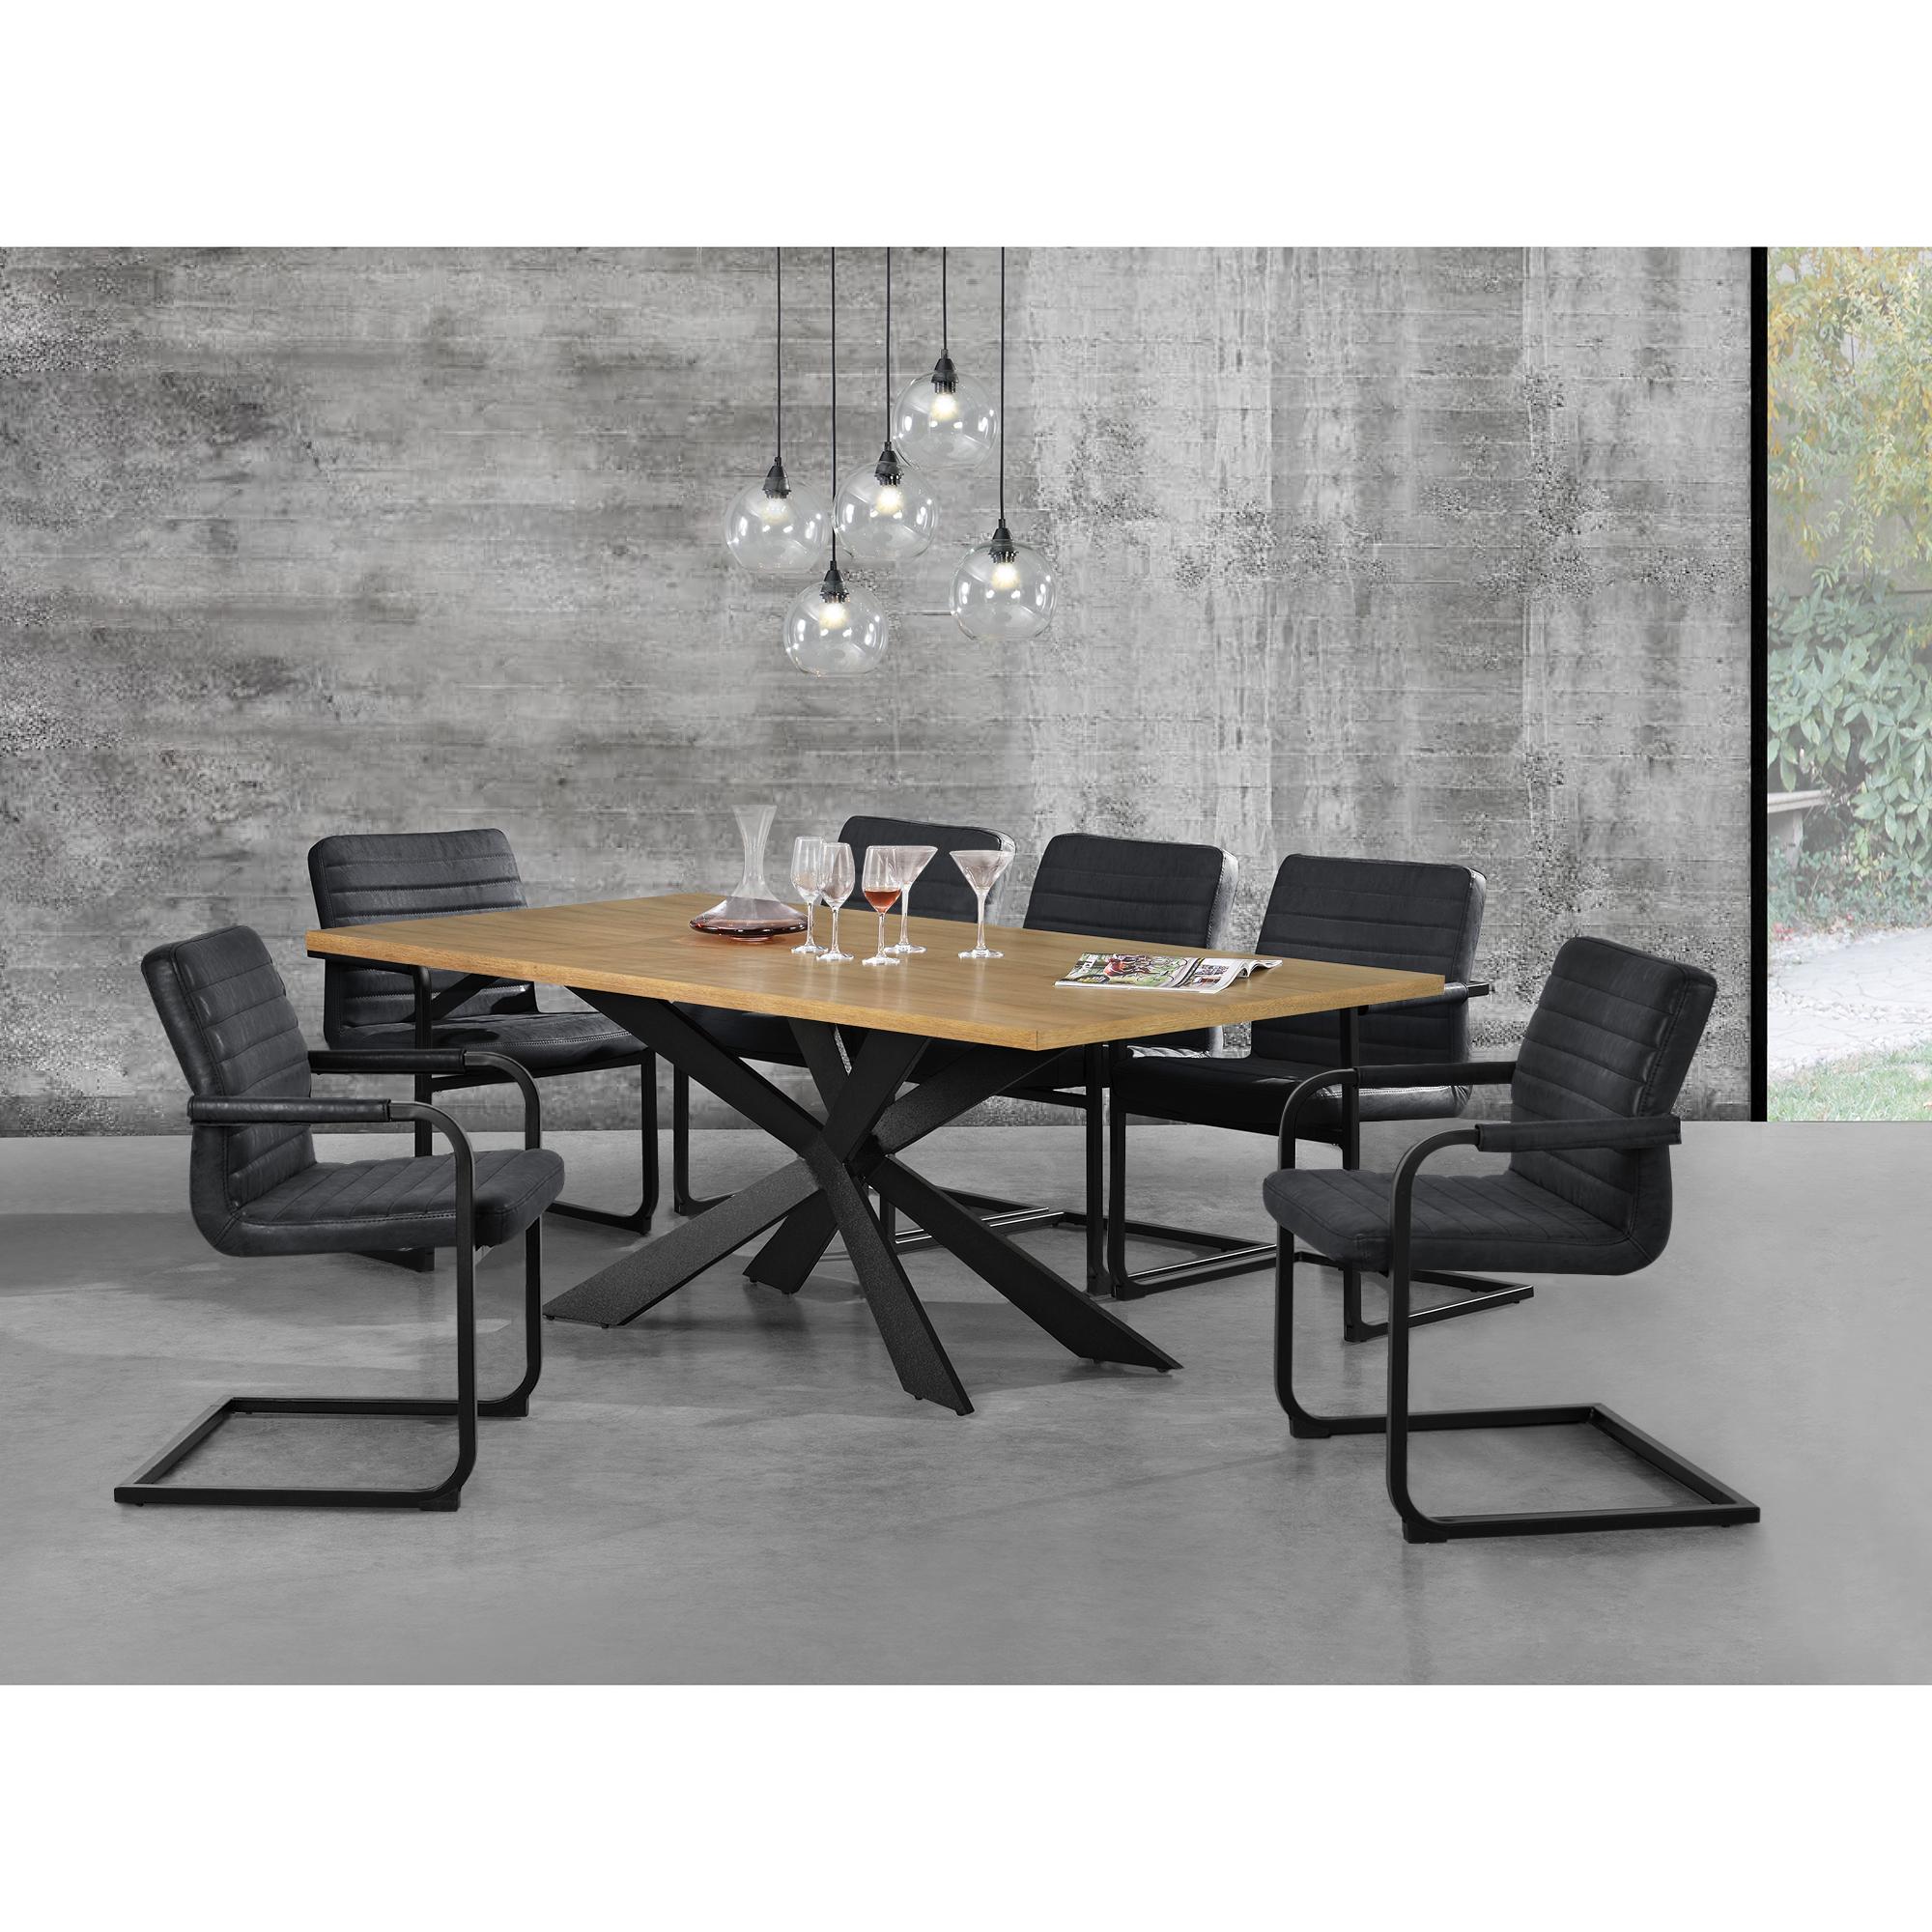 en.casa] Esstisch Eiche Natur mit 6 Stühlen 200x100 Tisch Stühle ...